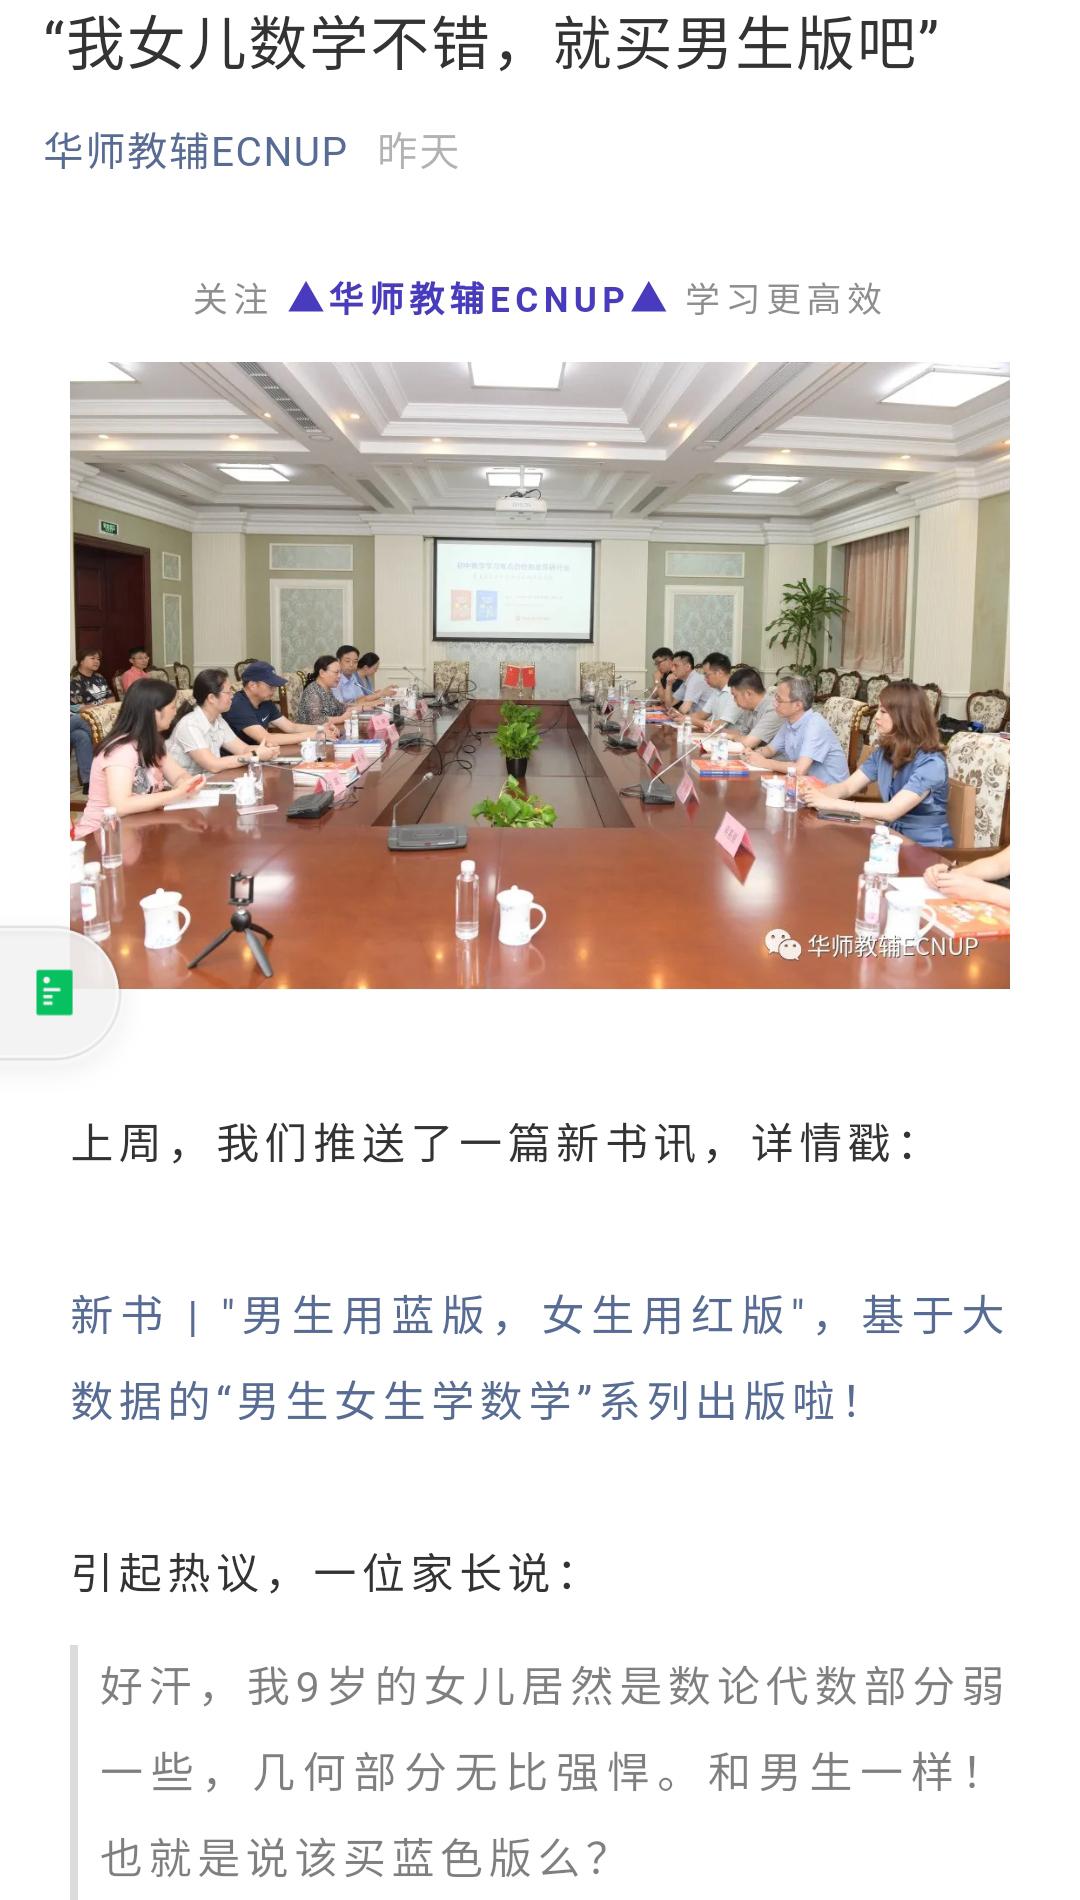 【凤凰博报】_华东师大出版社数学教辅推男女版引争议